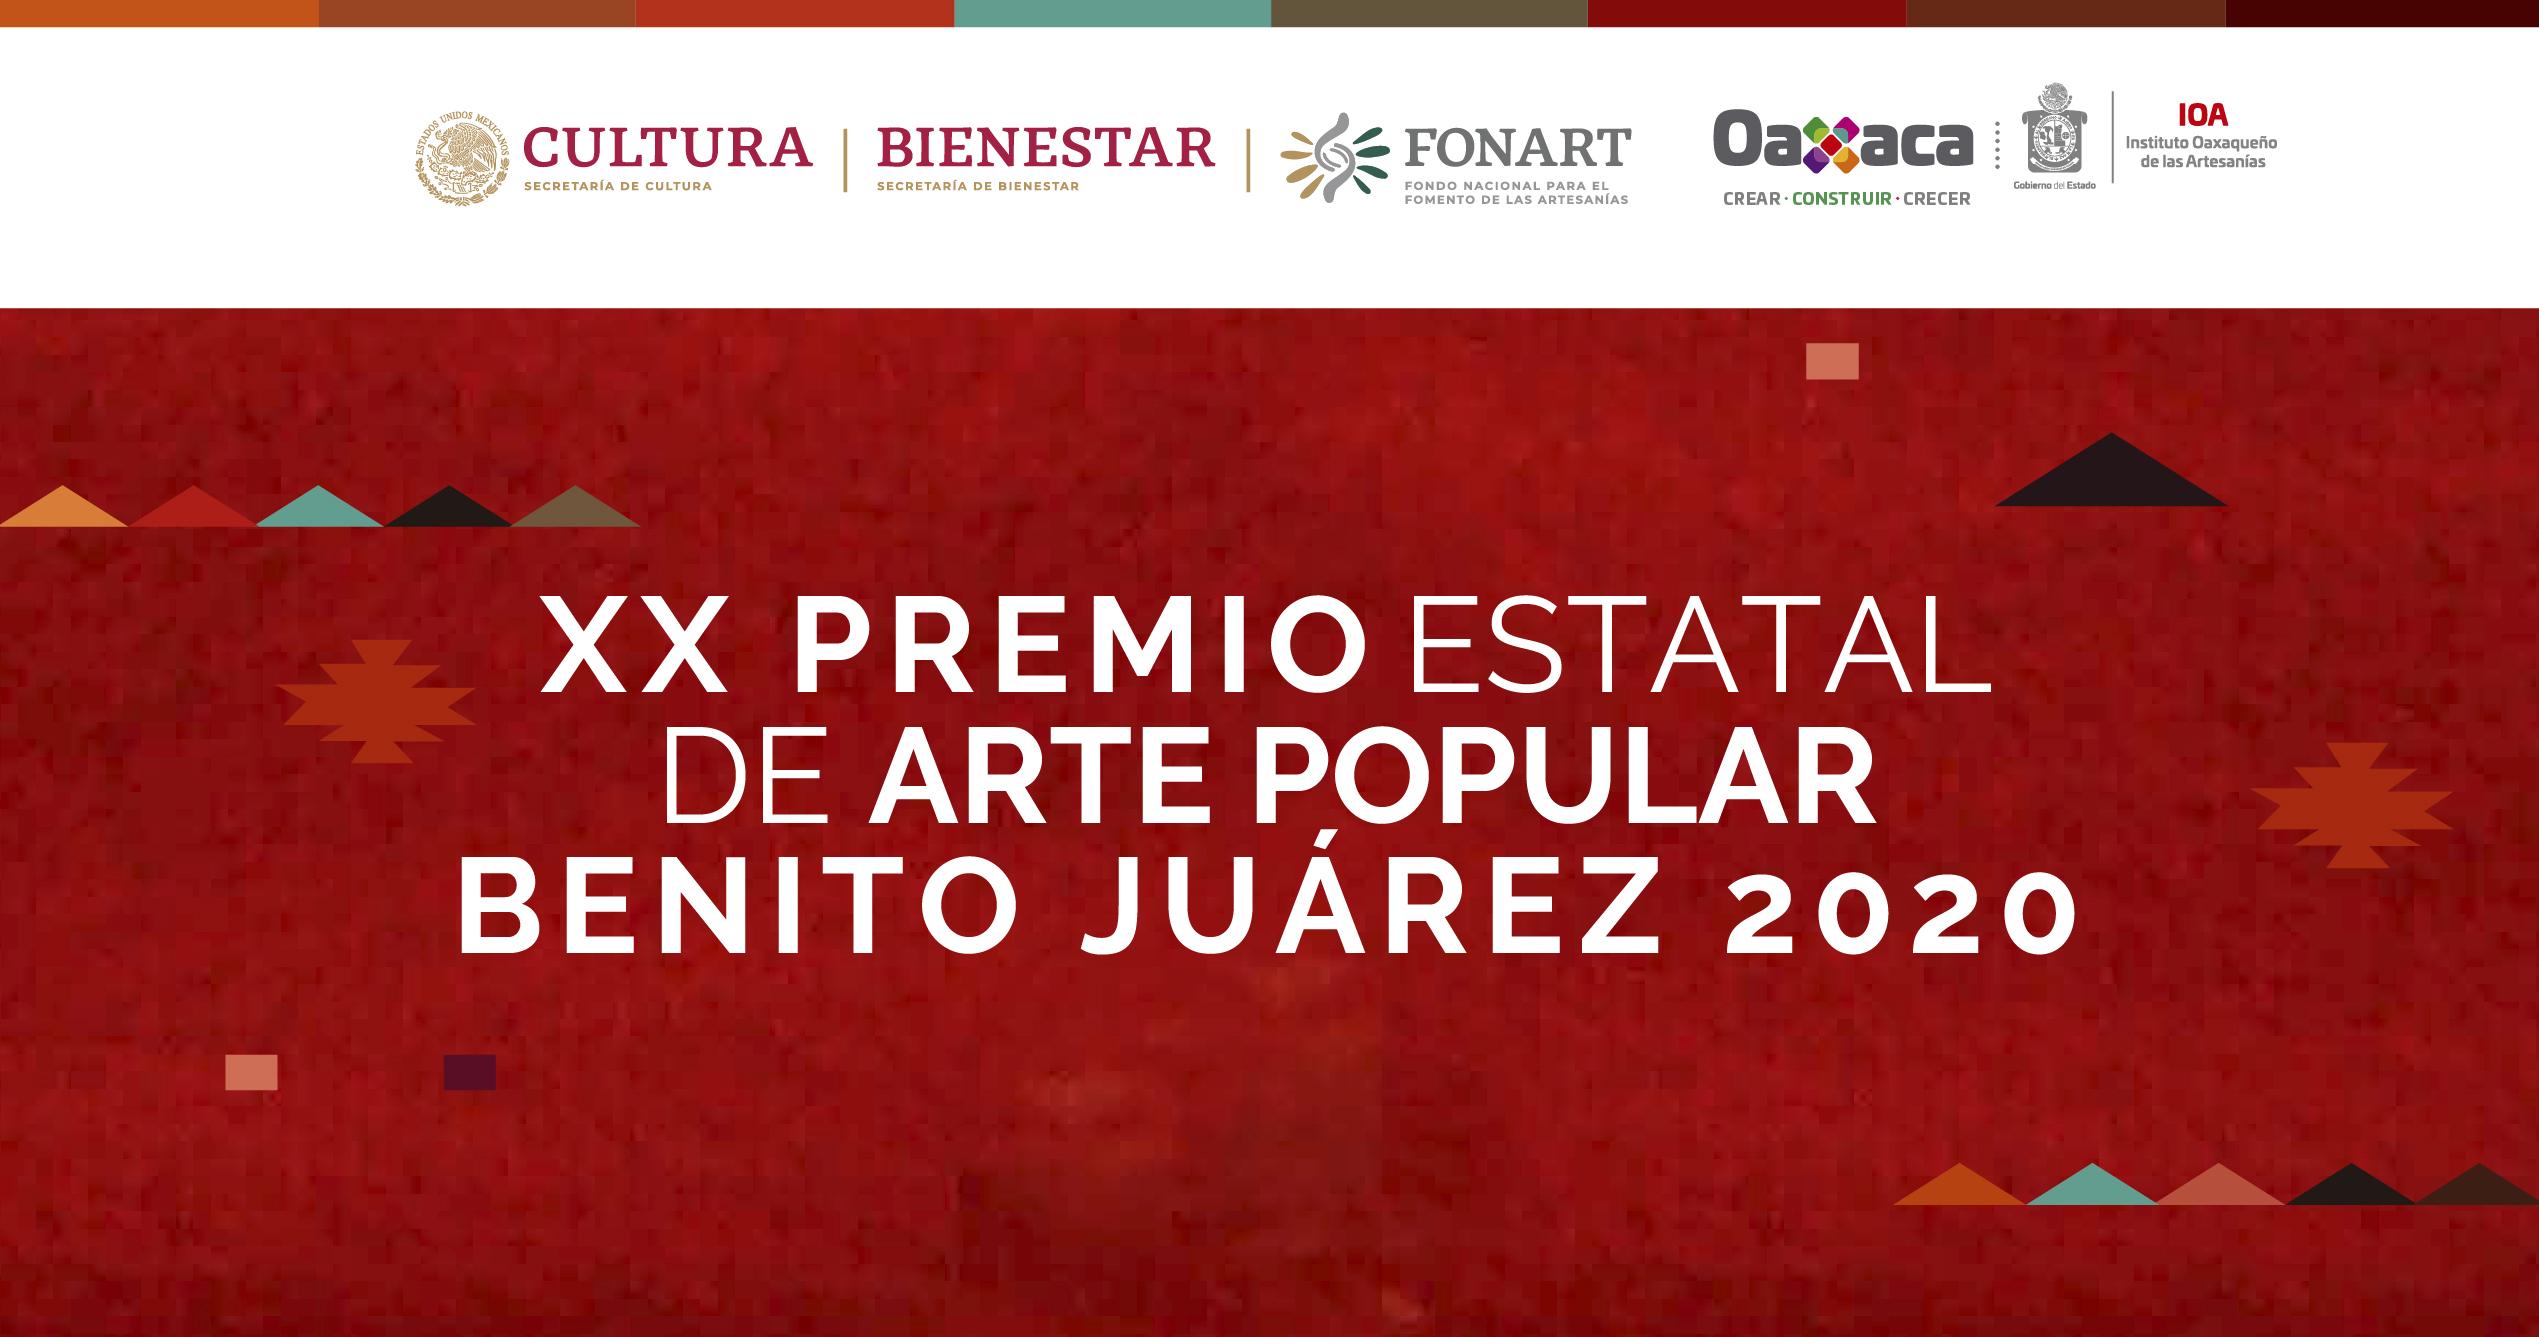 XX Premio Estatal de Arte Popular Benito Juárez 2020